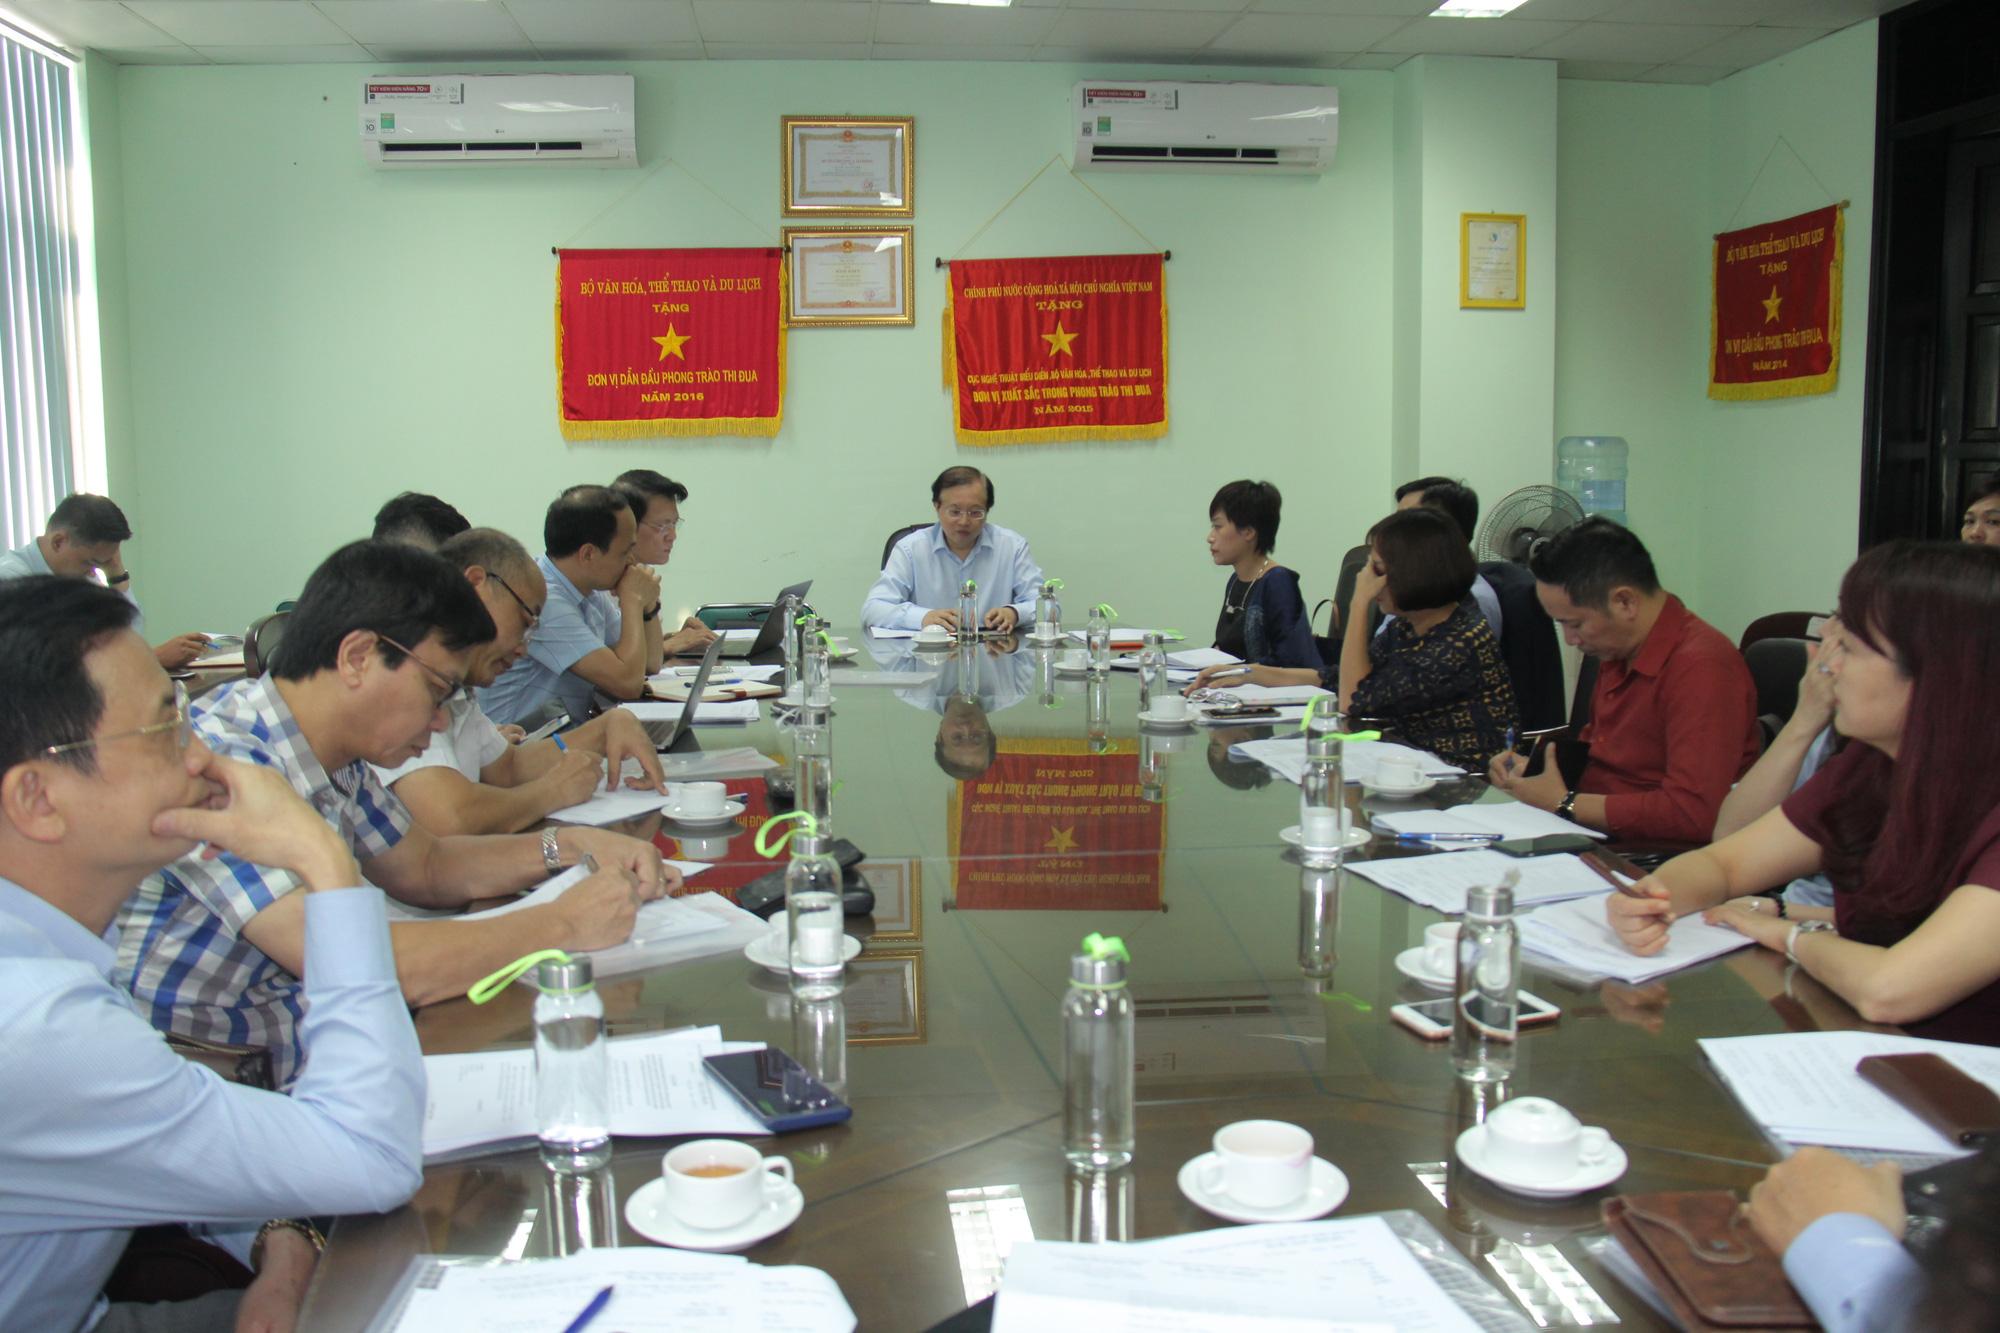 Thứ trưởng Tạ Quang Đông: Các nhà hát cần liên kết cùng nhau để tạo nên các chương trình có tiếng vang - Ảnh 4.